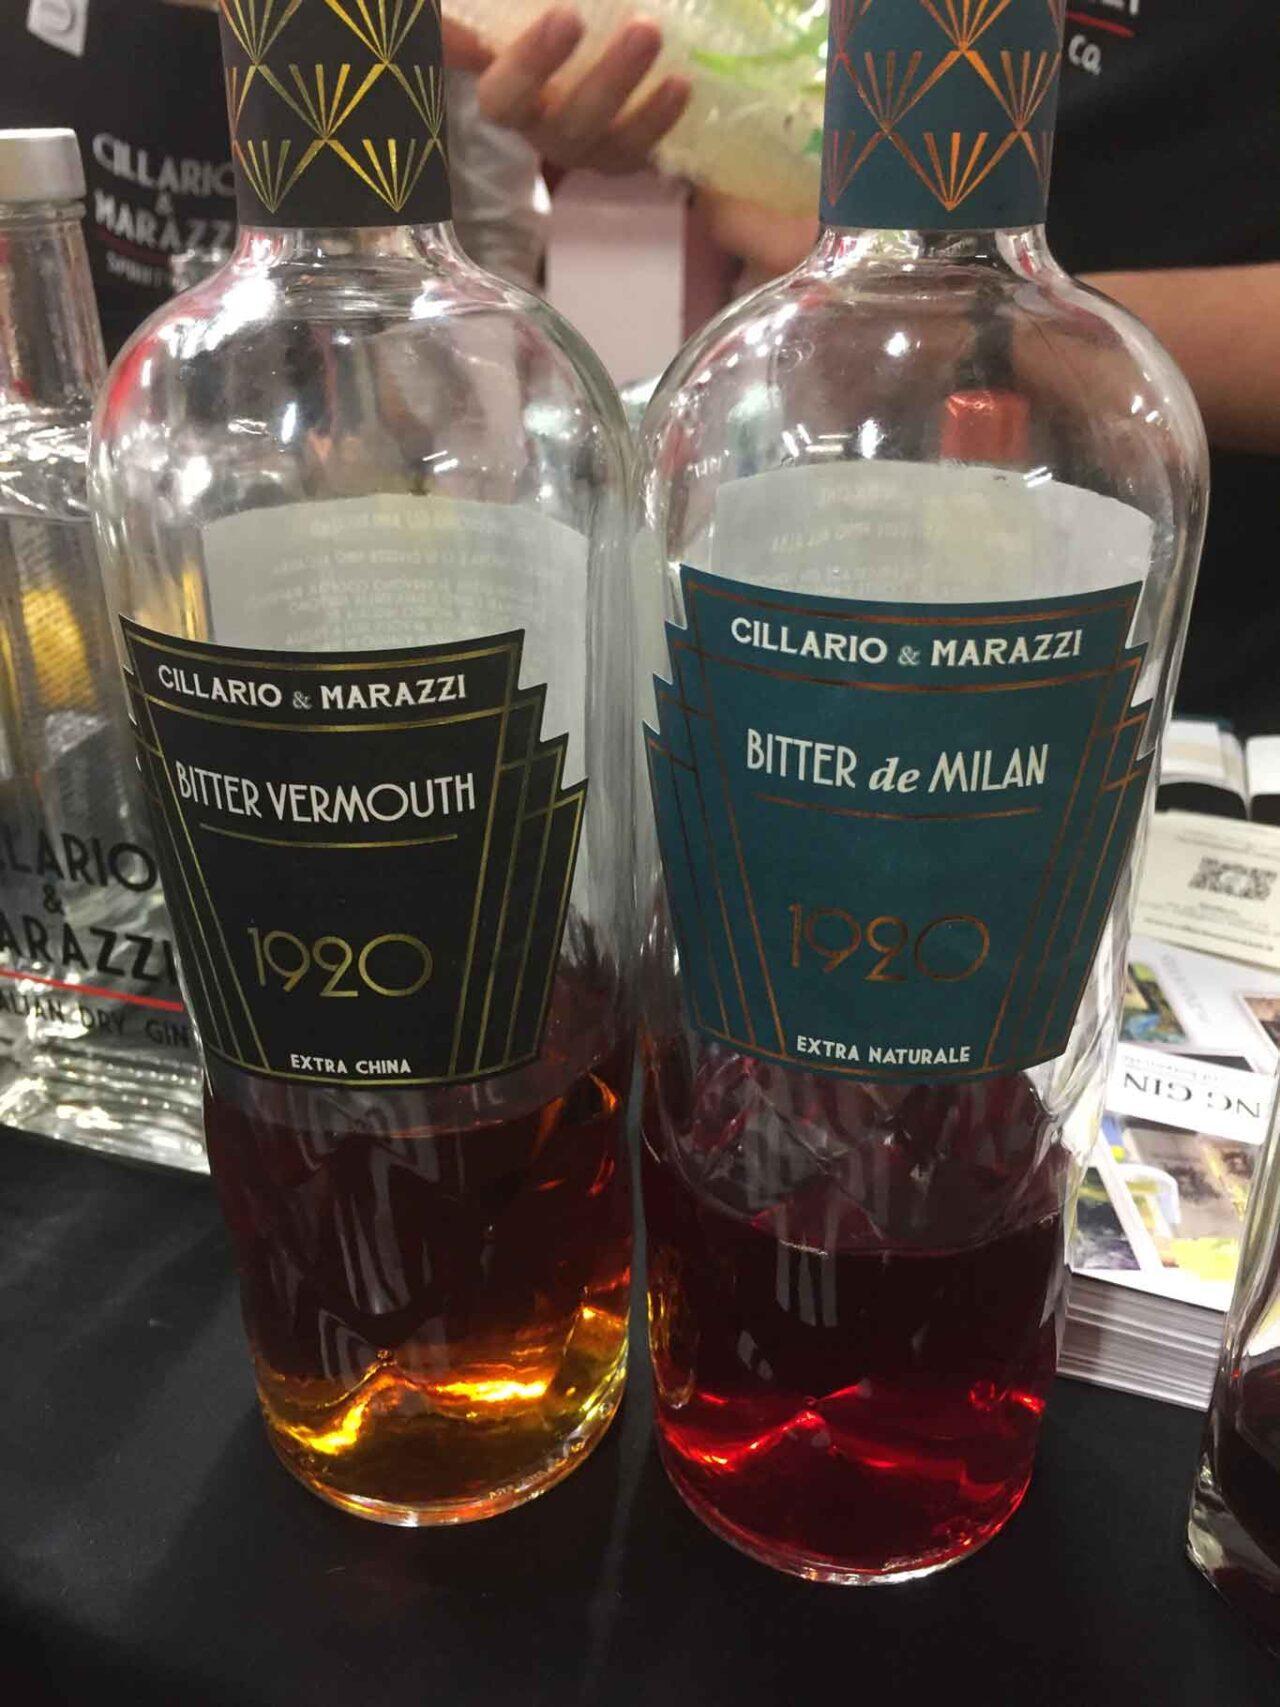 cillario marazzi vermouth e bitter